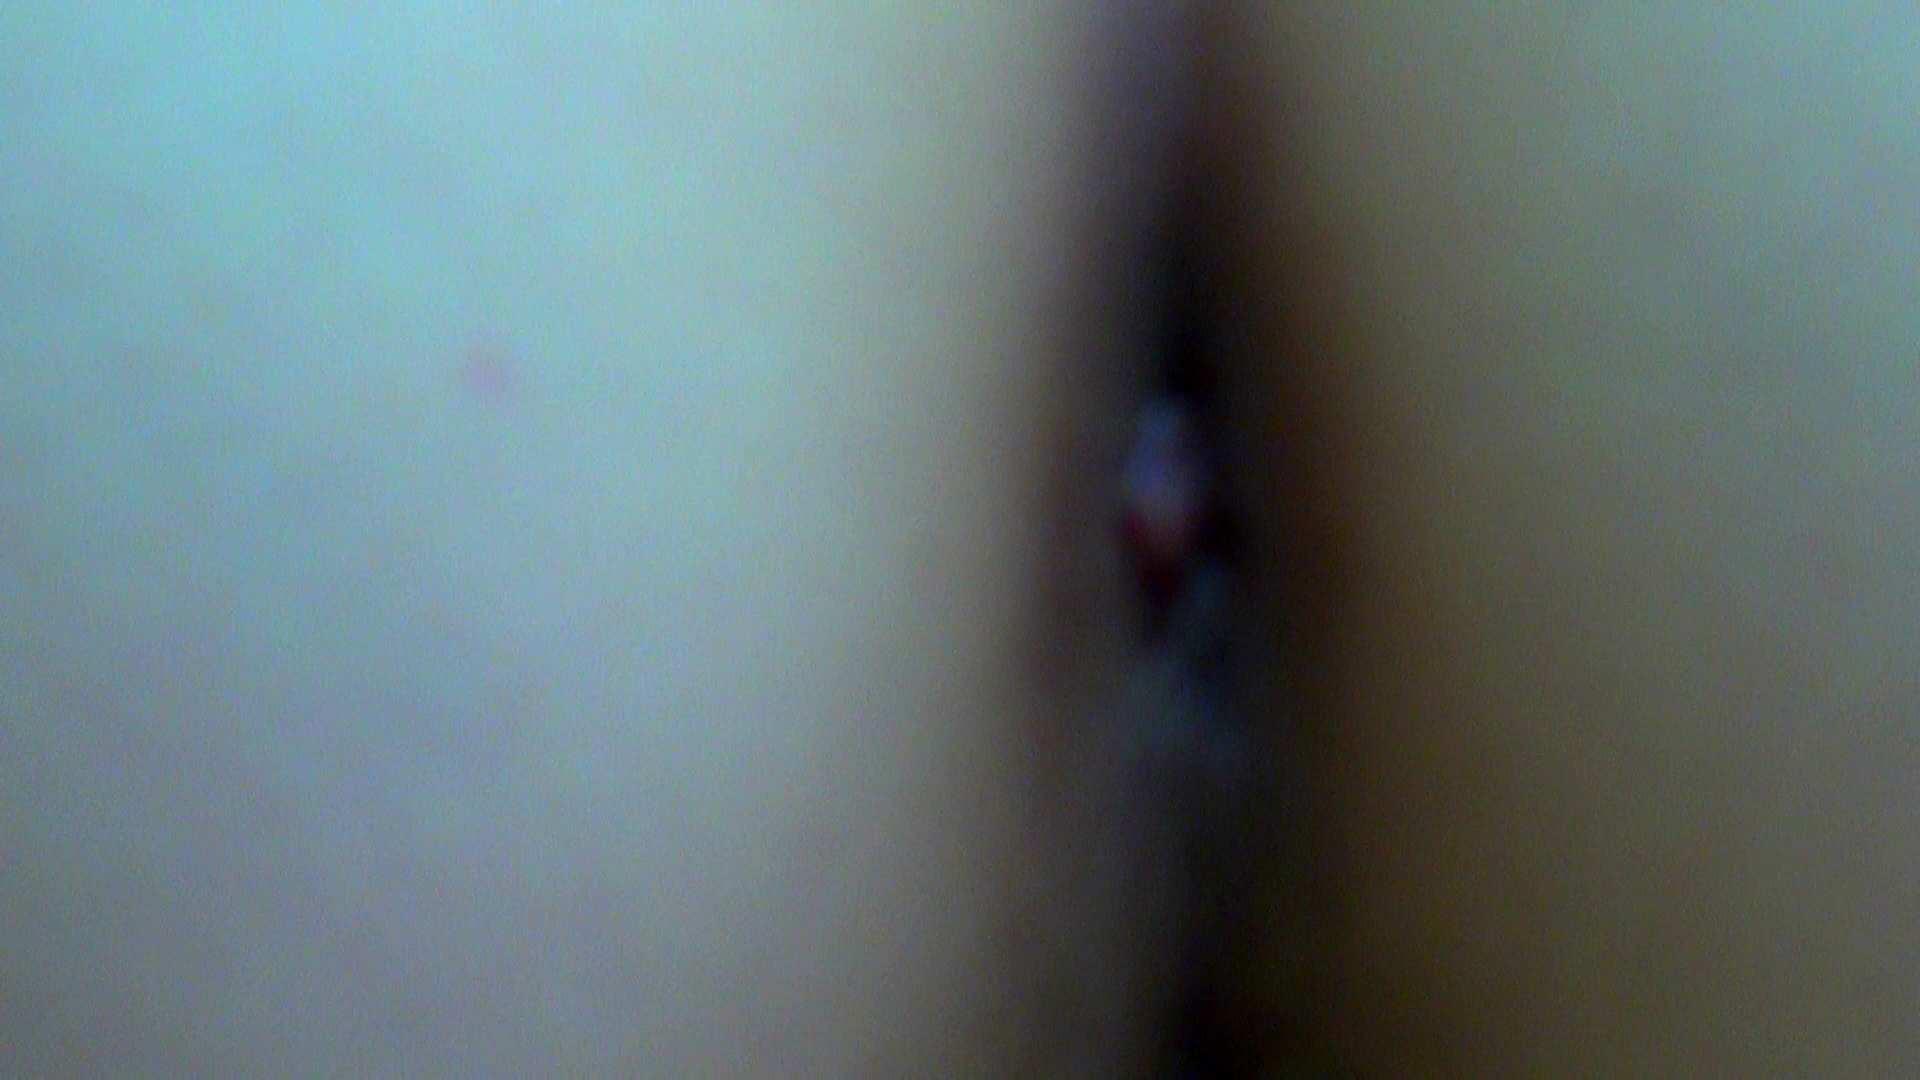 オマンコの次は菊の門ですよね。アレっ突起物が! マンコ映像 | 特撮オマンコ  99連発 41